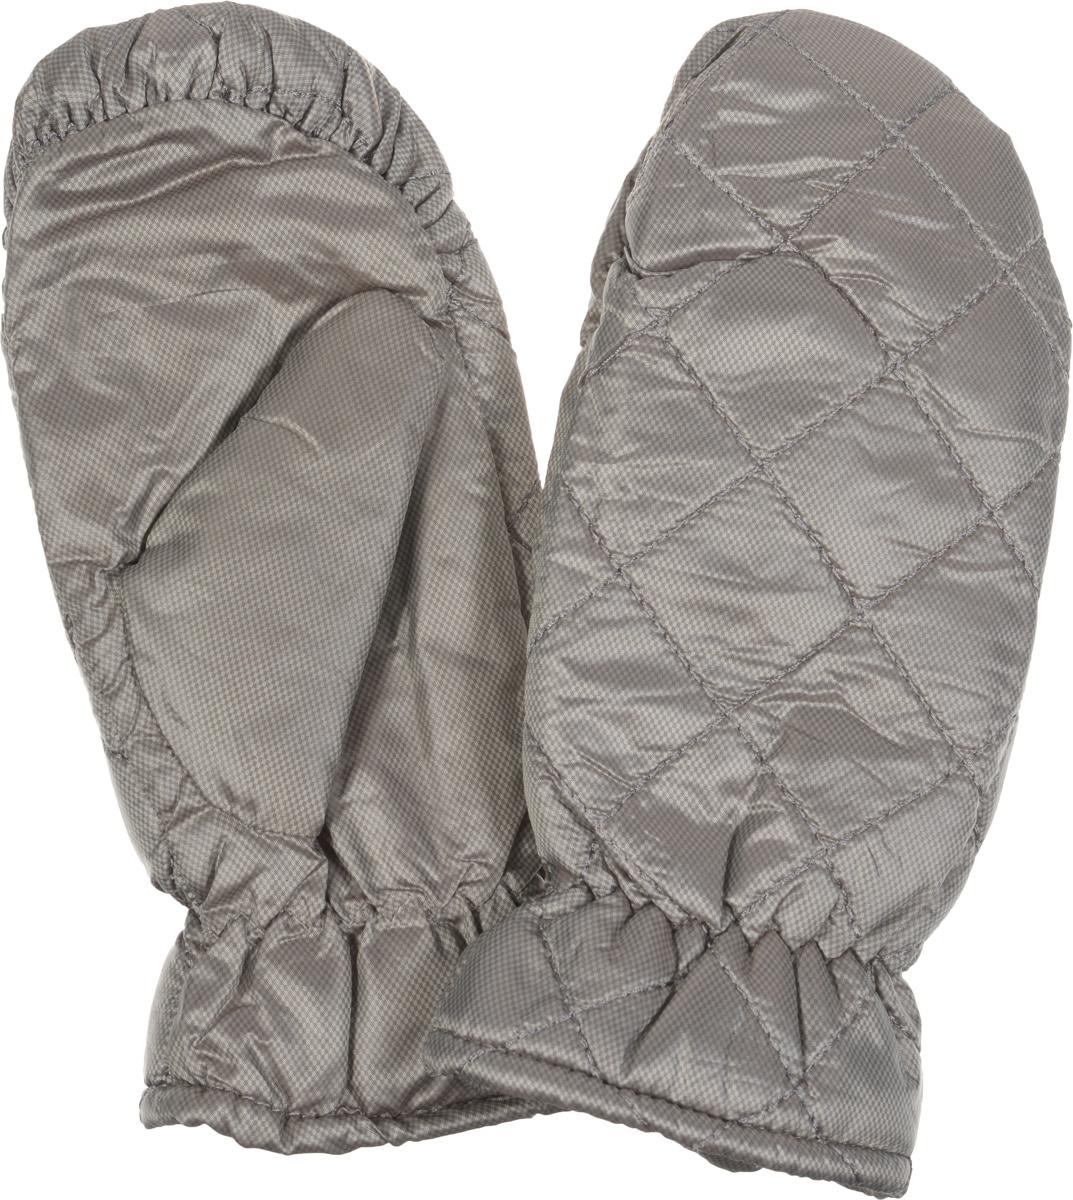 SD105Рукавицы торговой марки Modo GRU защитят ваши руки от холода. Модель выполнена из 100% полиэстера с мягкой флисовой подкладкой внутри. Рукавицы хорошо сохраняют тепло, мягкие, идеально сидят на руке и не промокнут при носки. Манжеты на резинке. Декорированы рукавицы стегаными строчками на лицевой стороне. В таких оригинальных варежках вам будет тепло и уютно.